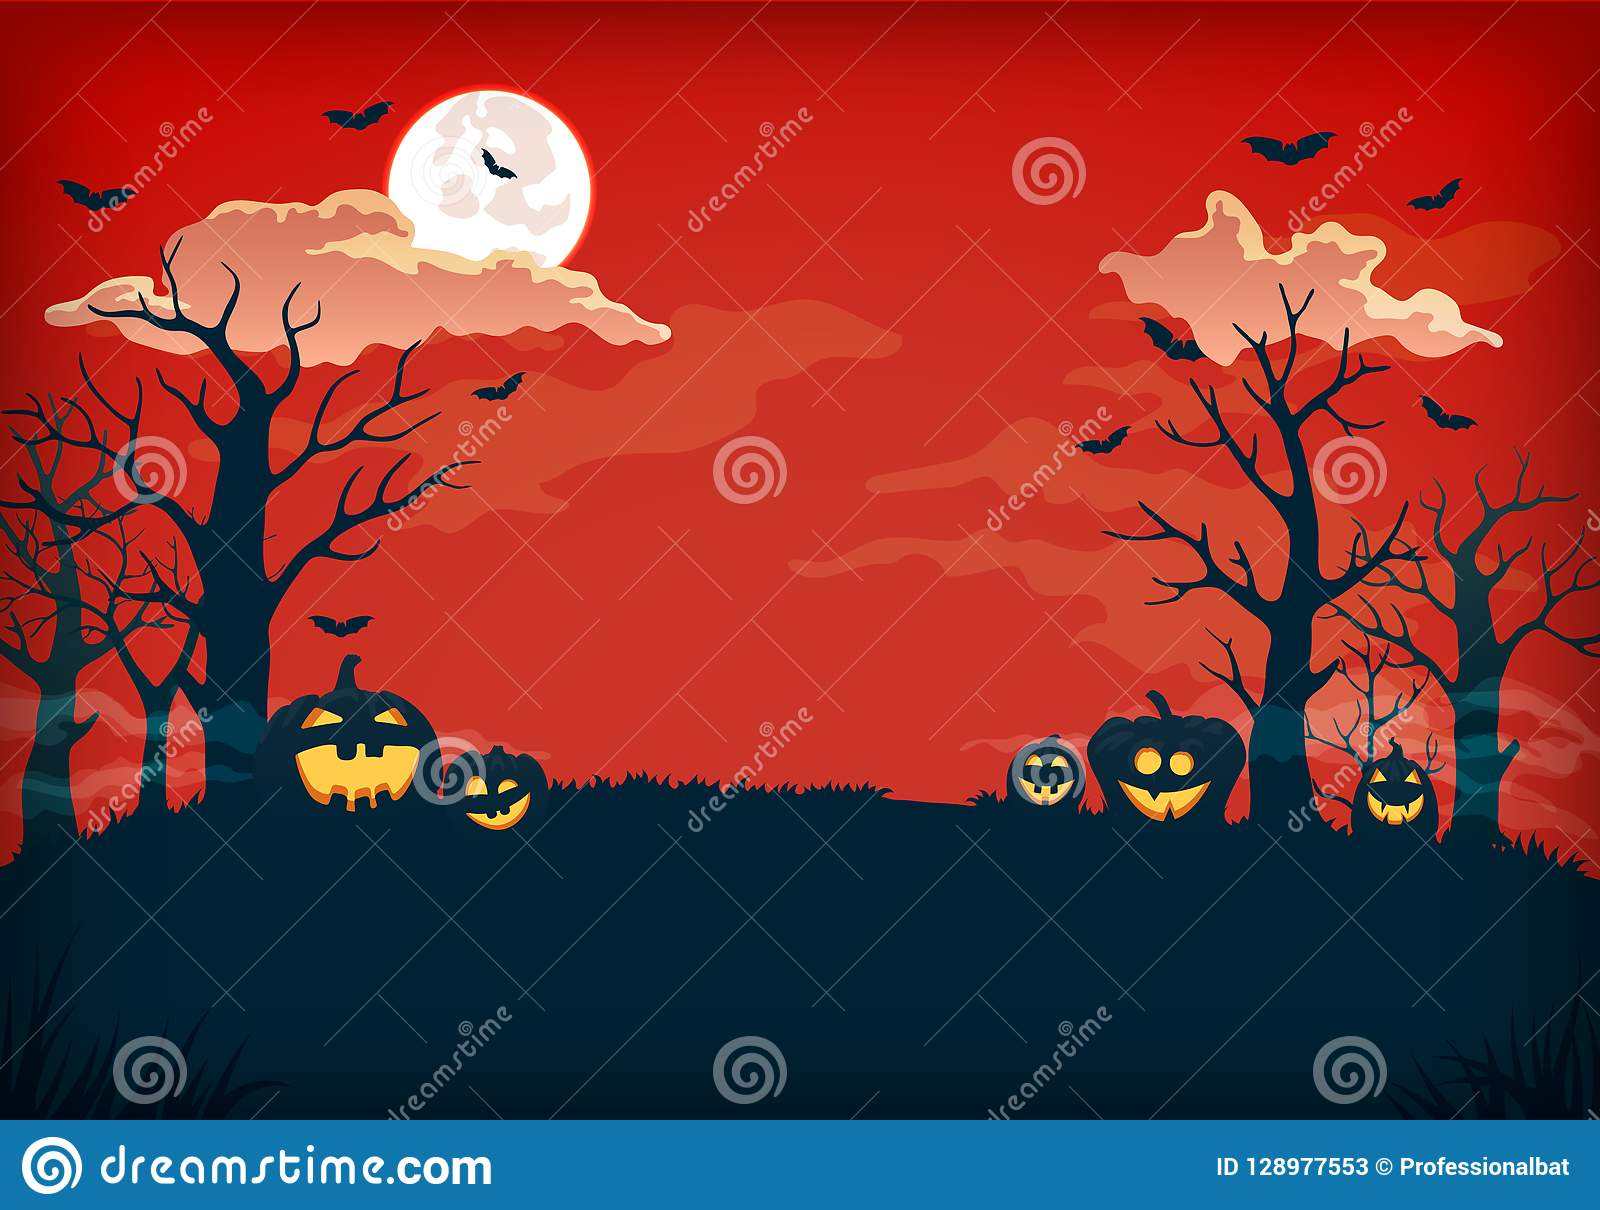 Straszna czerwień i zmrok - błękitny nocy tło z księżyc w pełni, chmurami, nagimi drzewami, nietoperzami i baniami,